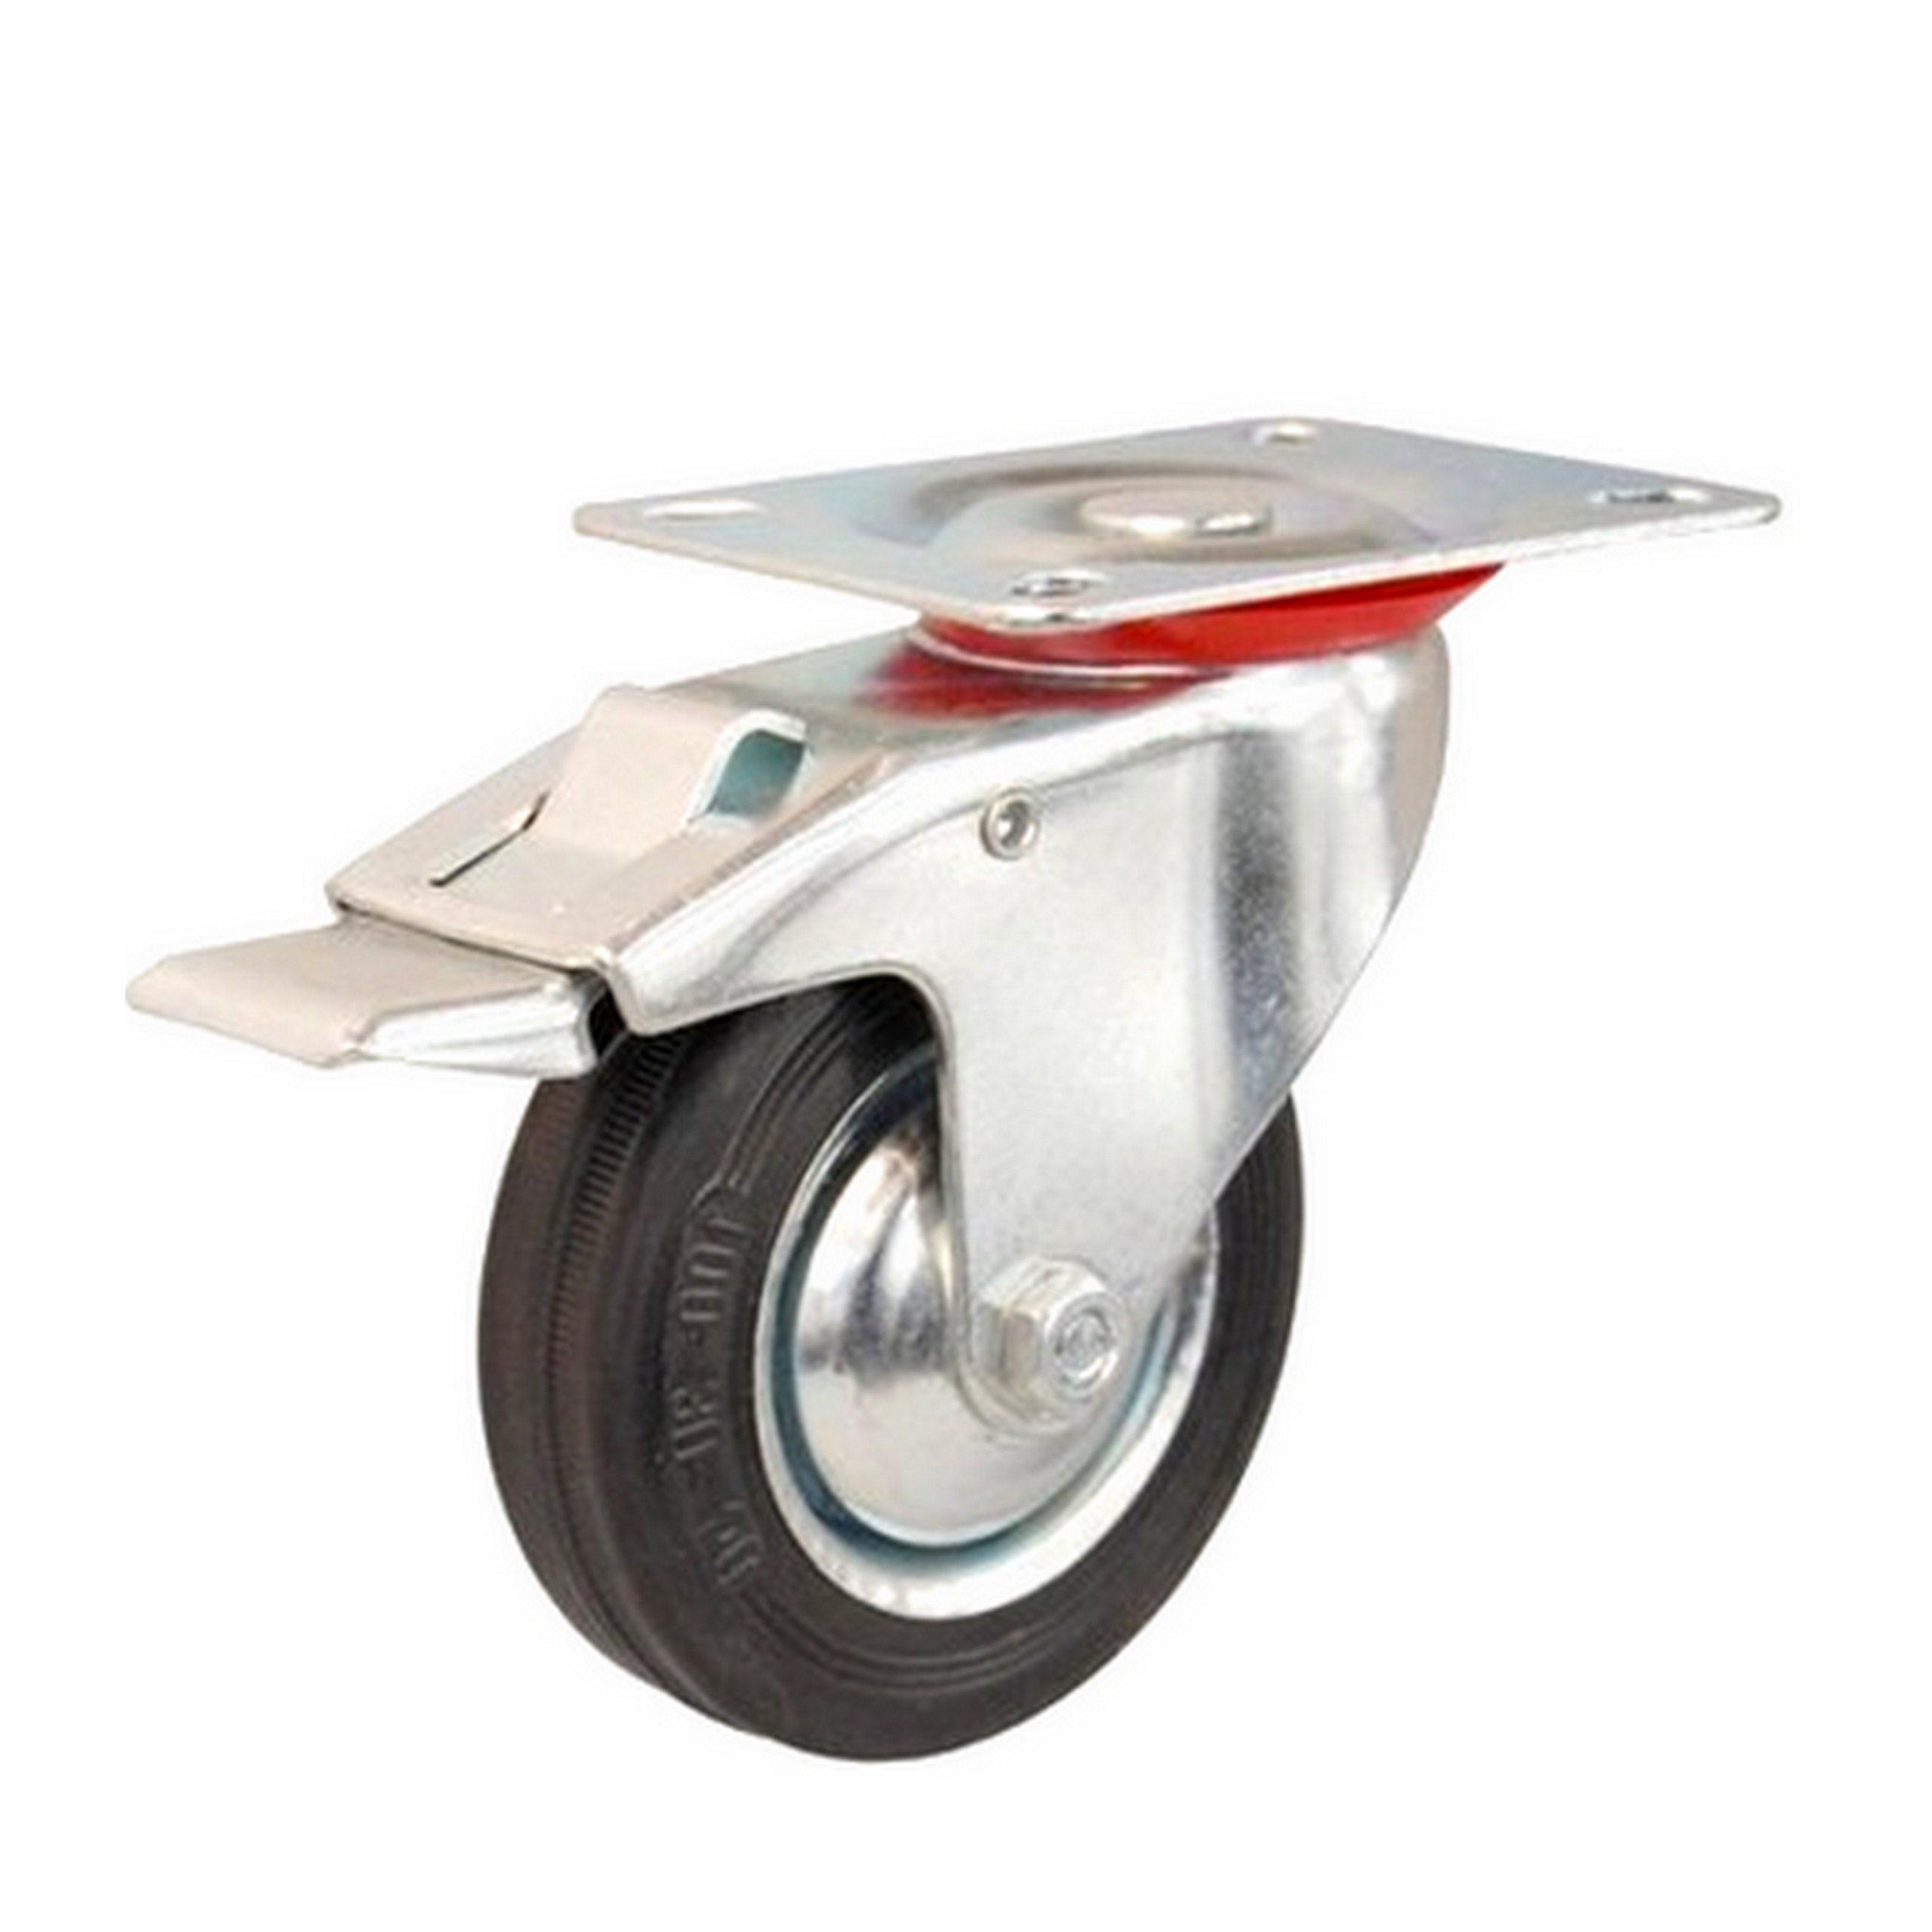 КОЛЕСО ПОВОРОТНЫЕ 125 мм ТОРМОЗ КОЛЕСА КОЛЯСКИ, колесо, колес